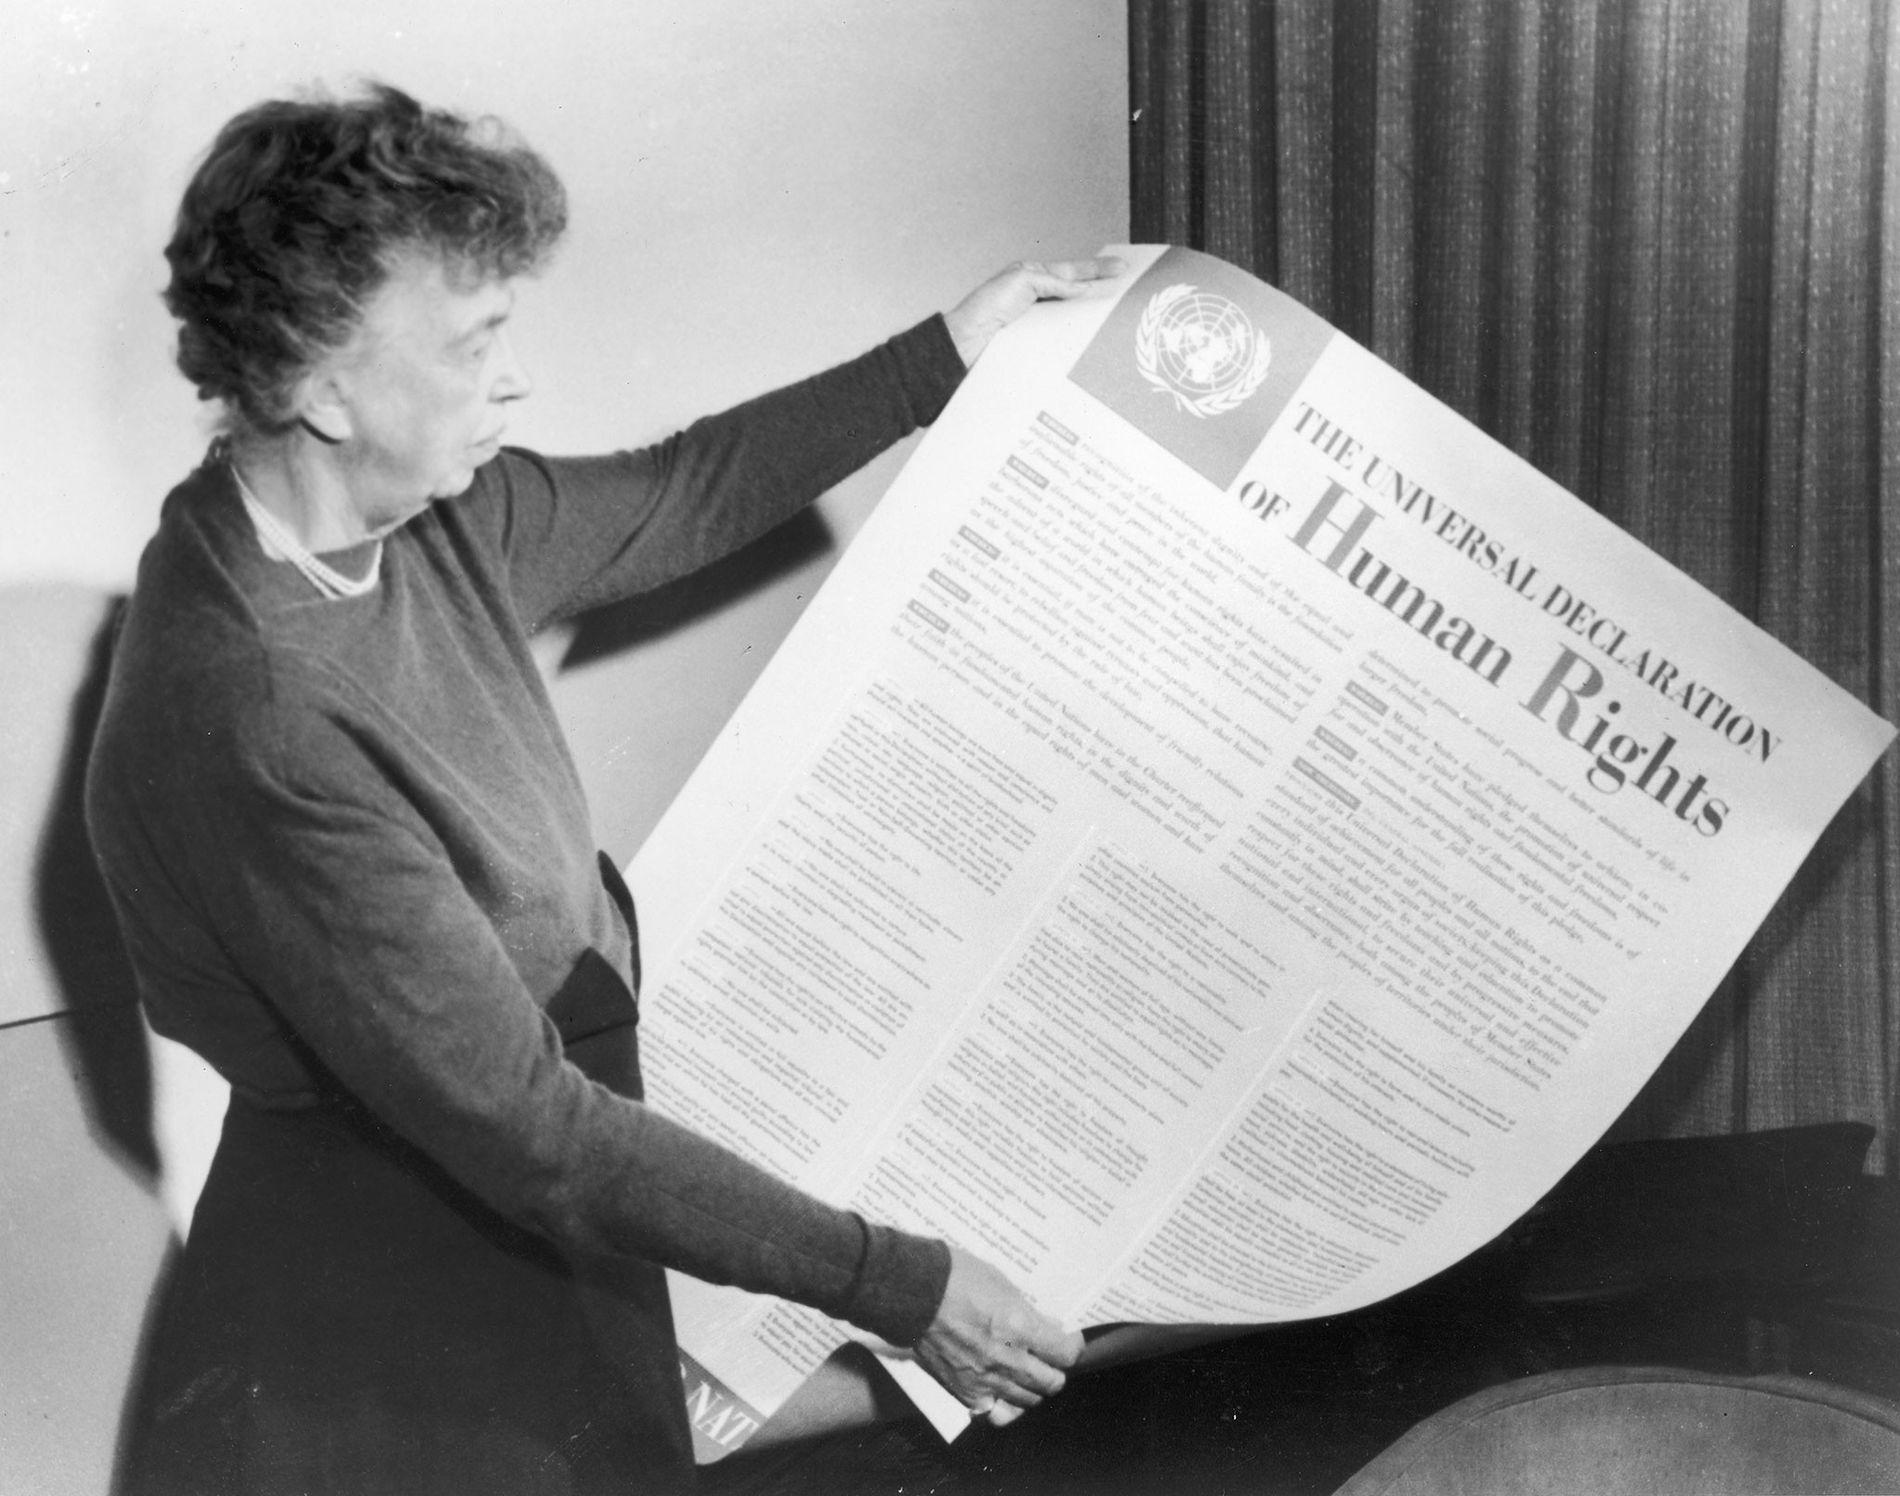 Eleanor Roosevelt segurando uma cópia da Declaração Universal dos Direitos Humanos em 1946. Roosevelt foi presidente do comitê que escreveu o documento e é considerada a força por trás desse avanço.